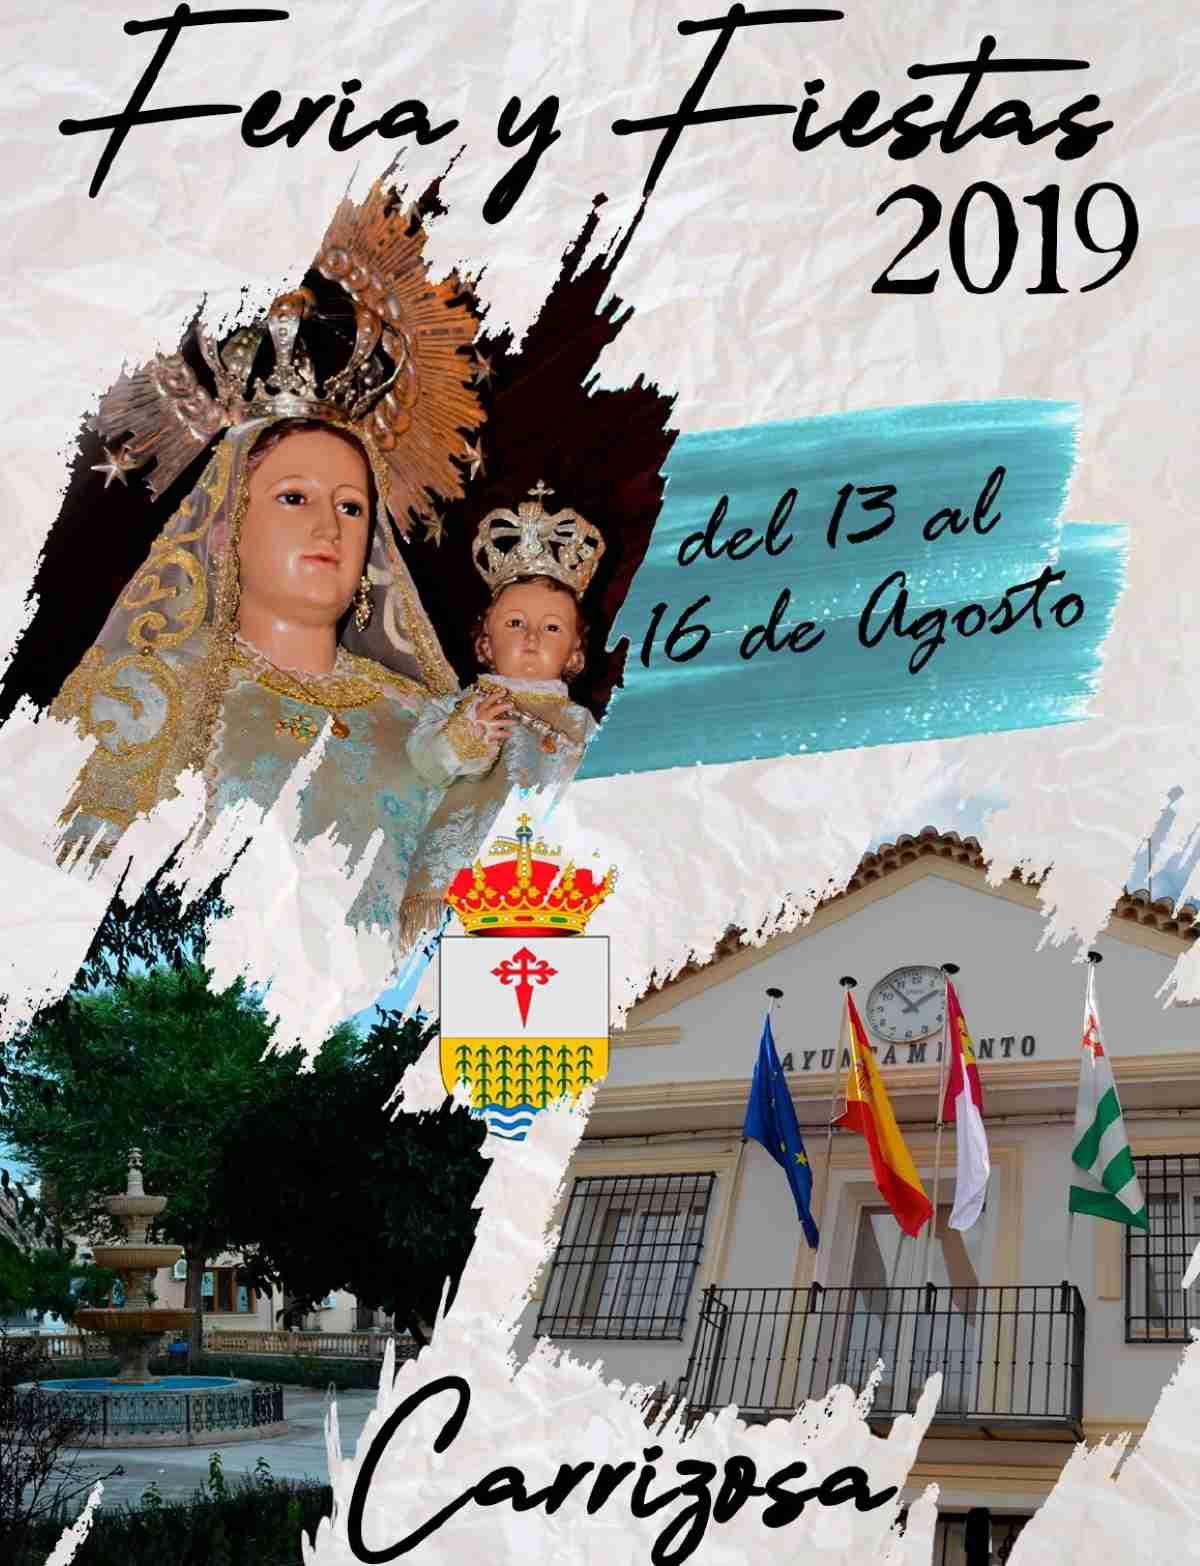 Carrizosa (Ciudad Real) invita a sus Fiestas de la Virgen del Salido del 13 al 16 de agosto 1